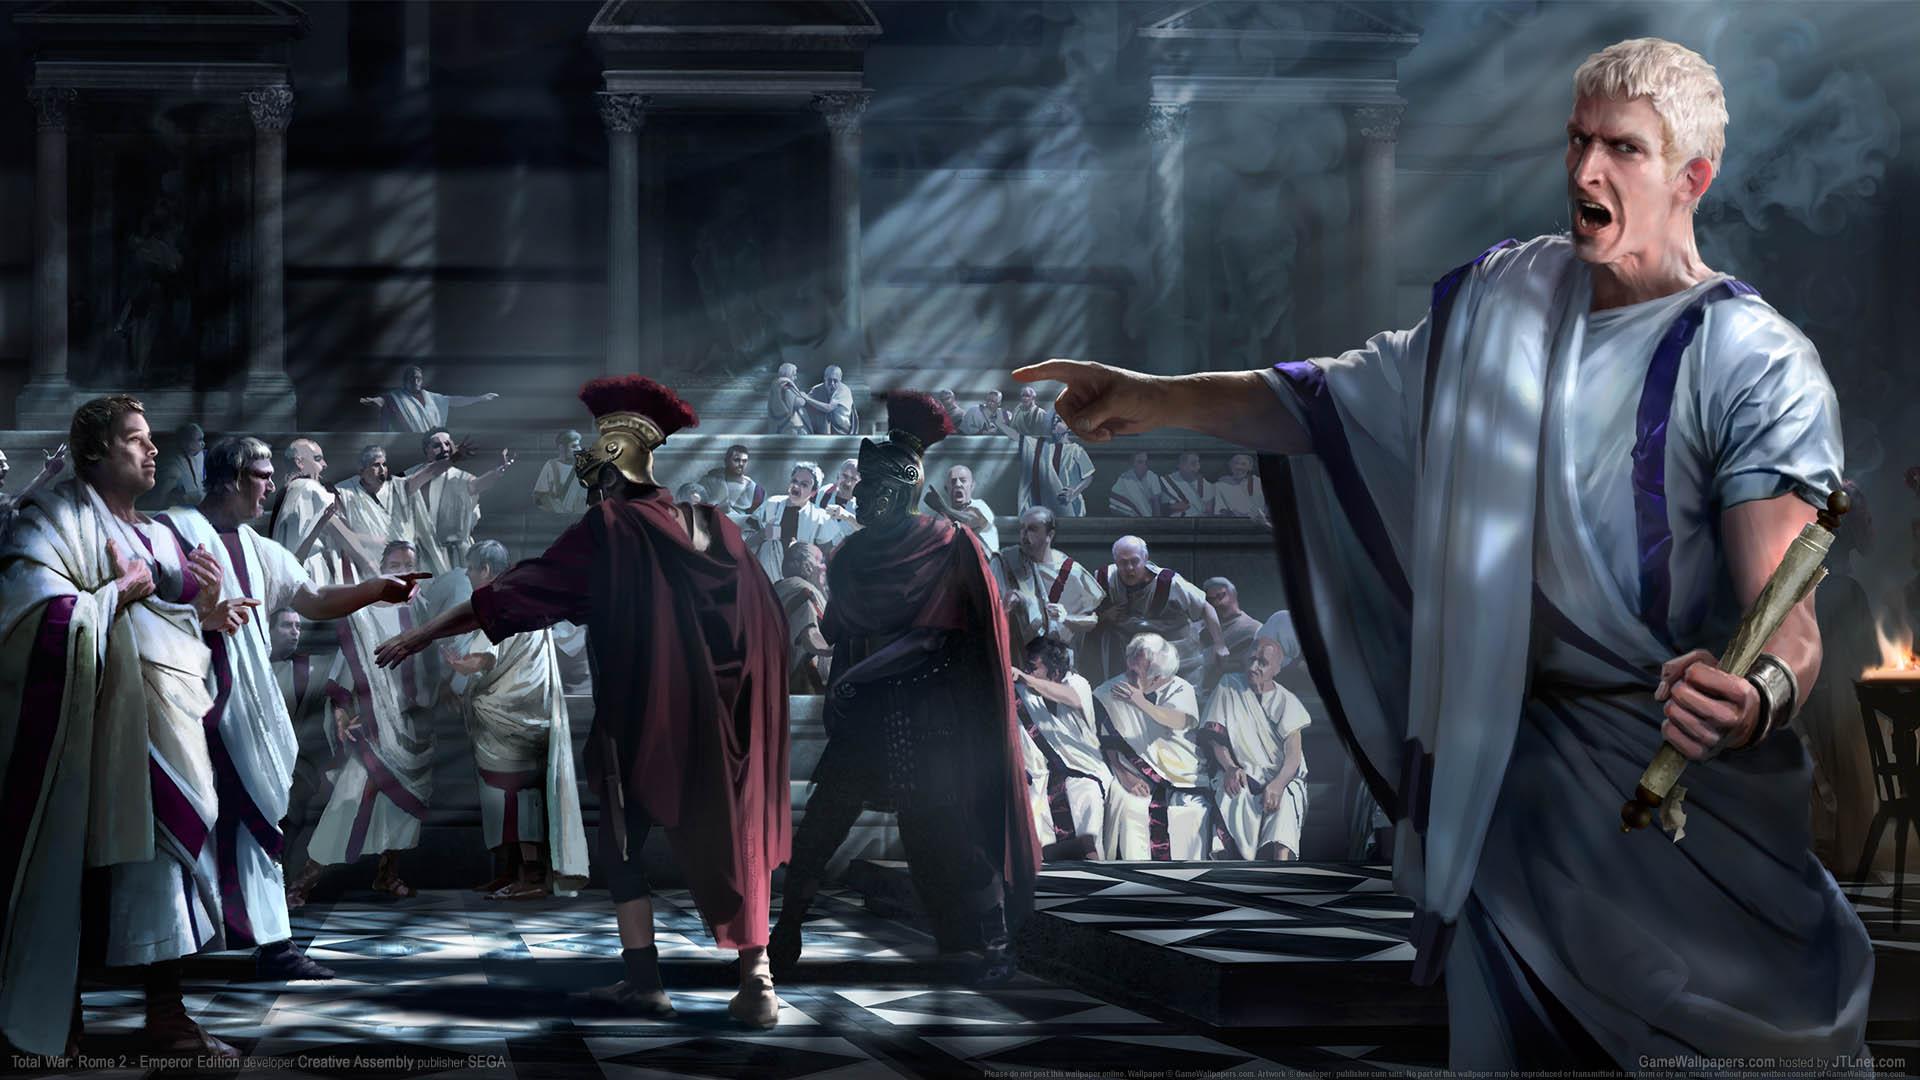 Total War Rome 2 Emperor Edition Fondo De Escritorio 01